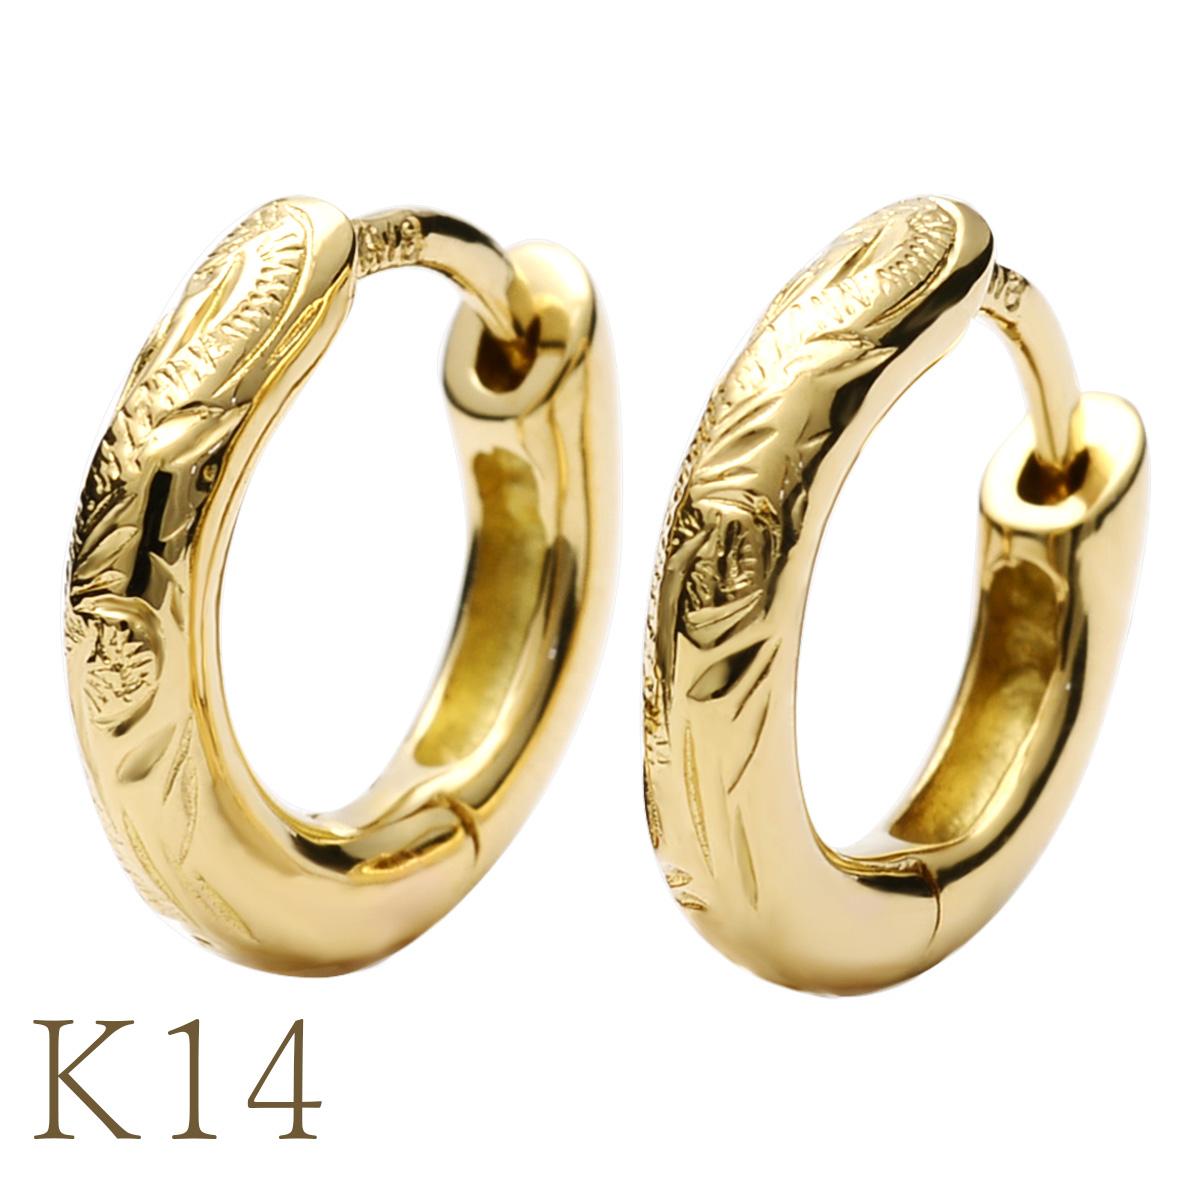 ハワイアンジュエリー ピアス 14金 ピアス 14金 ピアス リッチスクロールミニ・フープピアス ゴールドピアス (K14ゴールド 14金 イエロー ピンク ) aer54101g